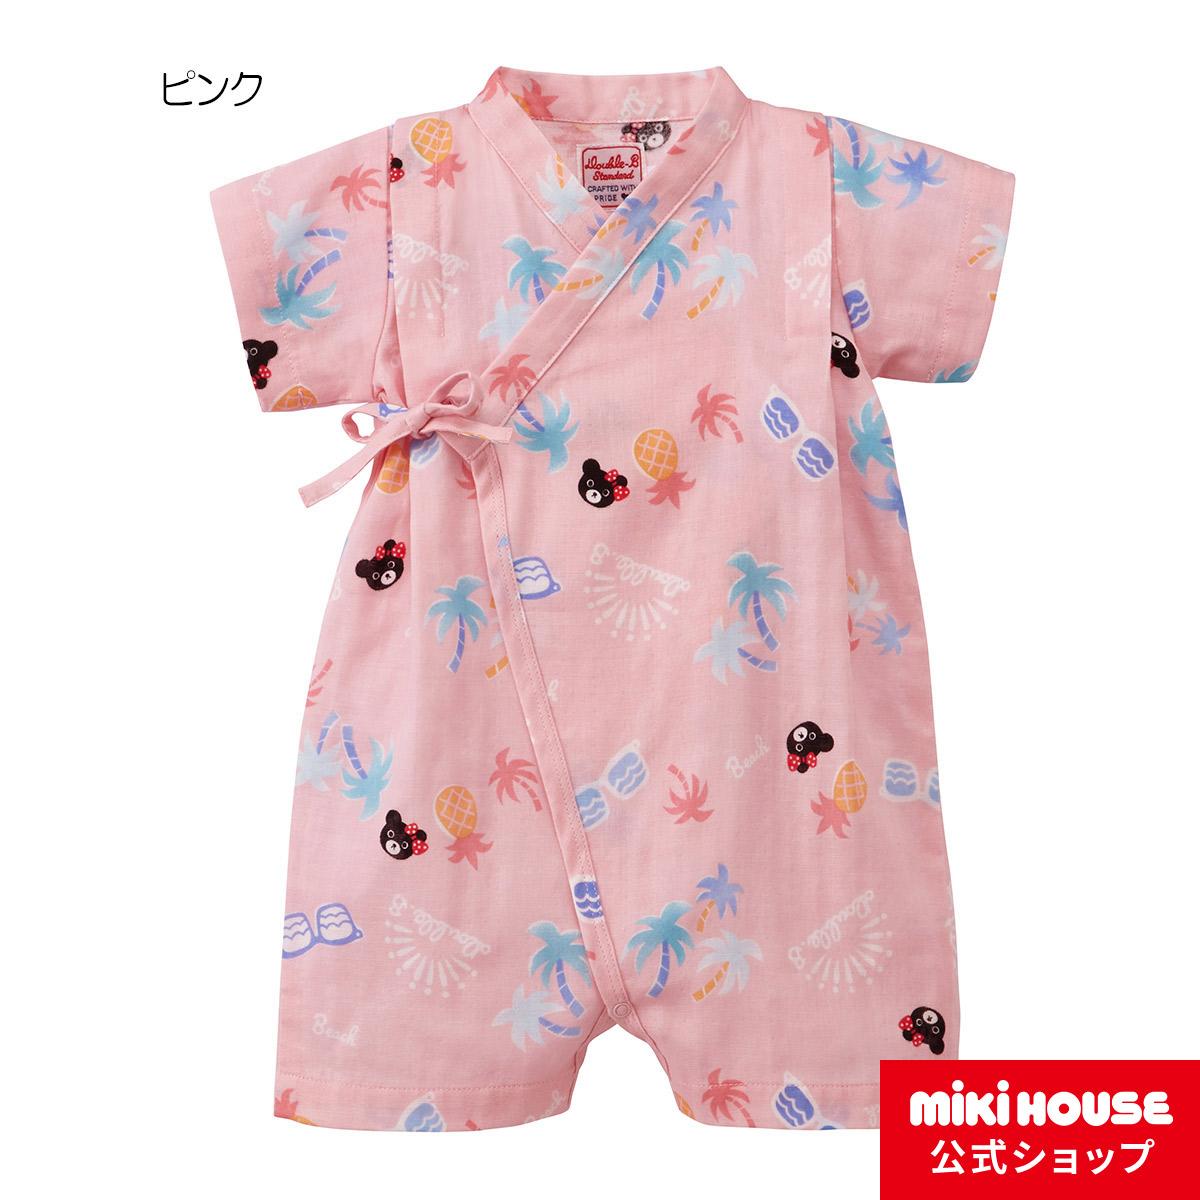 ミキハウス ダブルビー mikihouse 甚平オール〈S-M(60cm-80cm)〉 ベビー用品 ベビー 赤ちゃん 女の子 ピンク